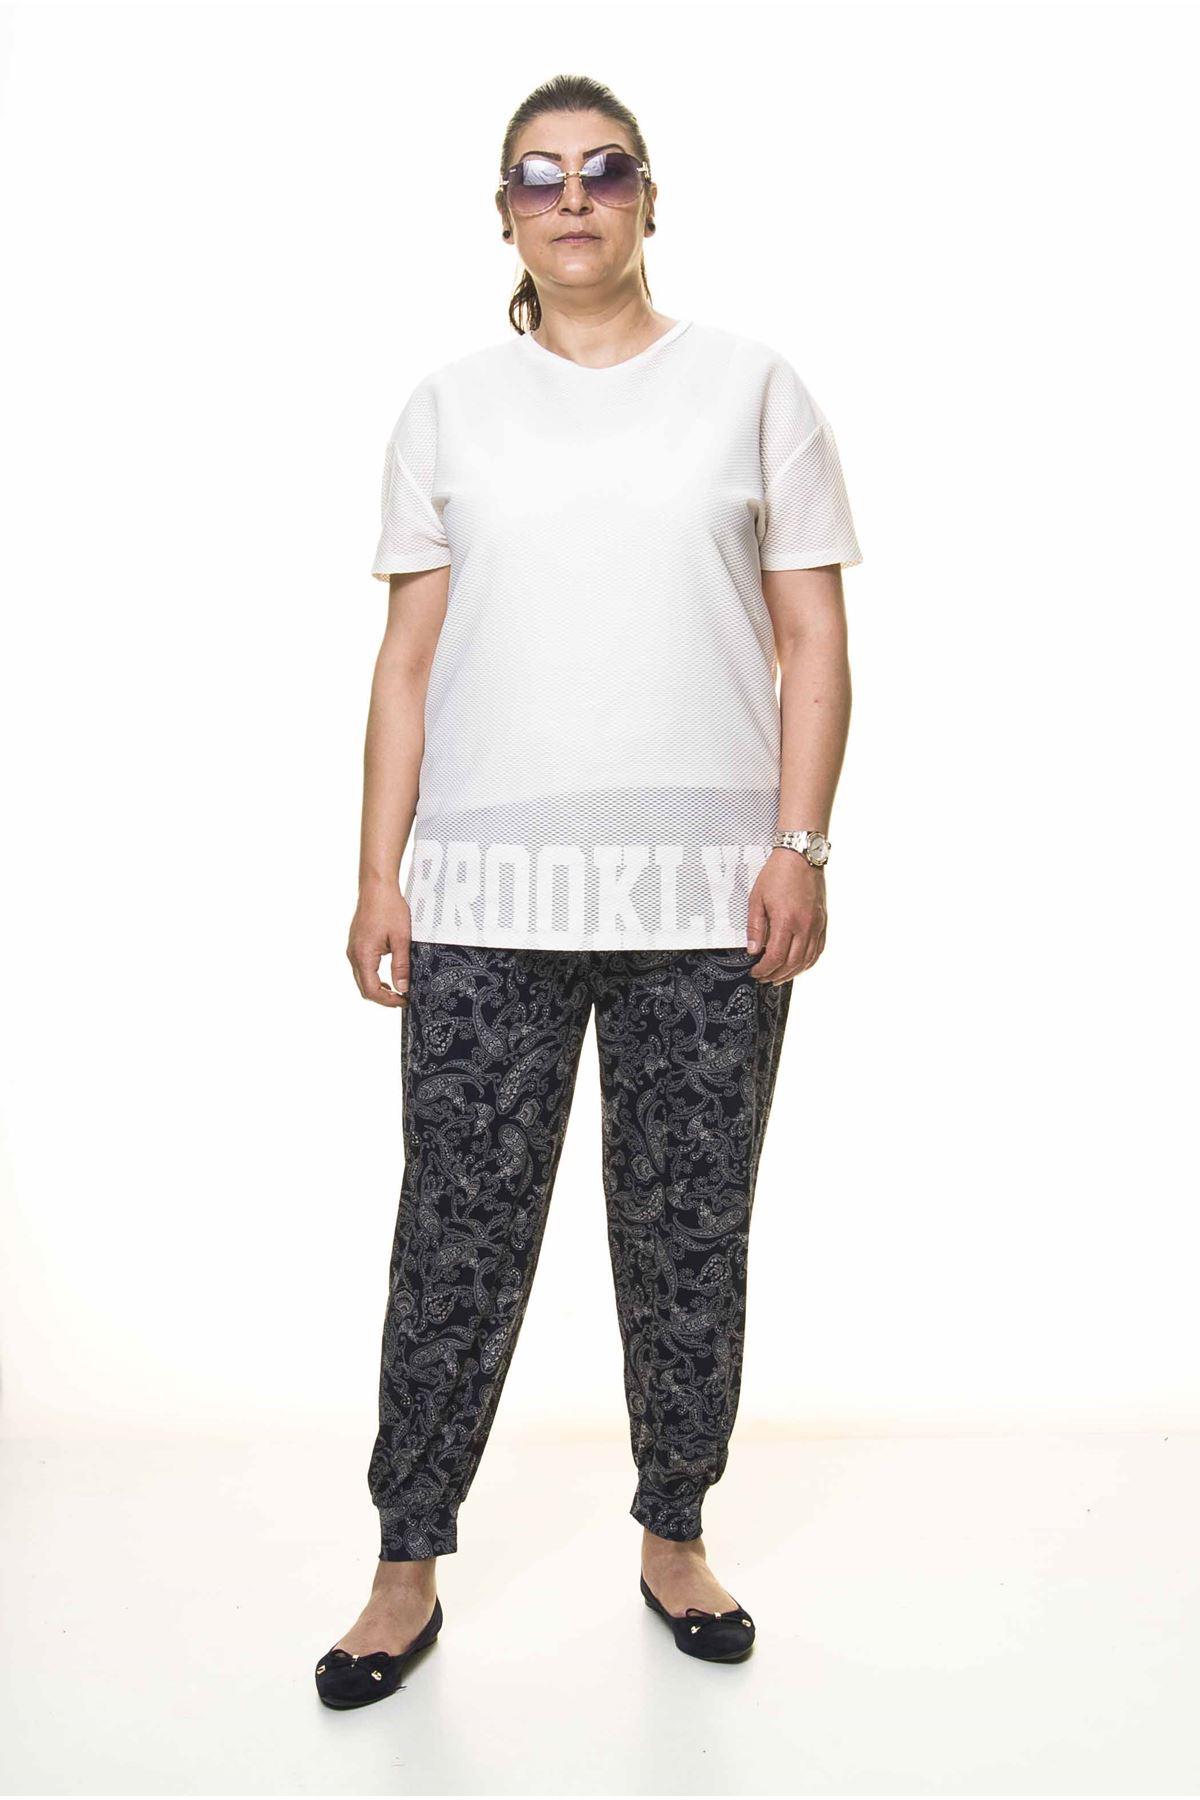 Kadın Büyük Beden Desenli Yazlık Şalvar Pantolon 11D-3098